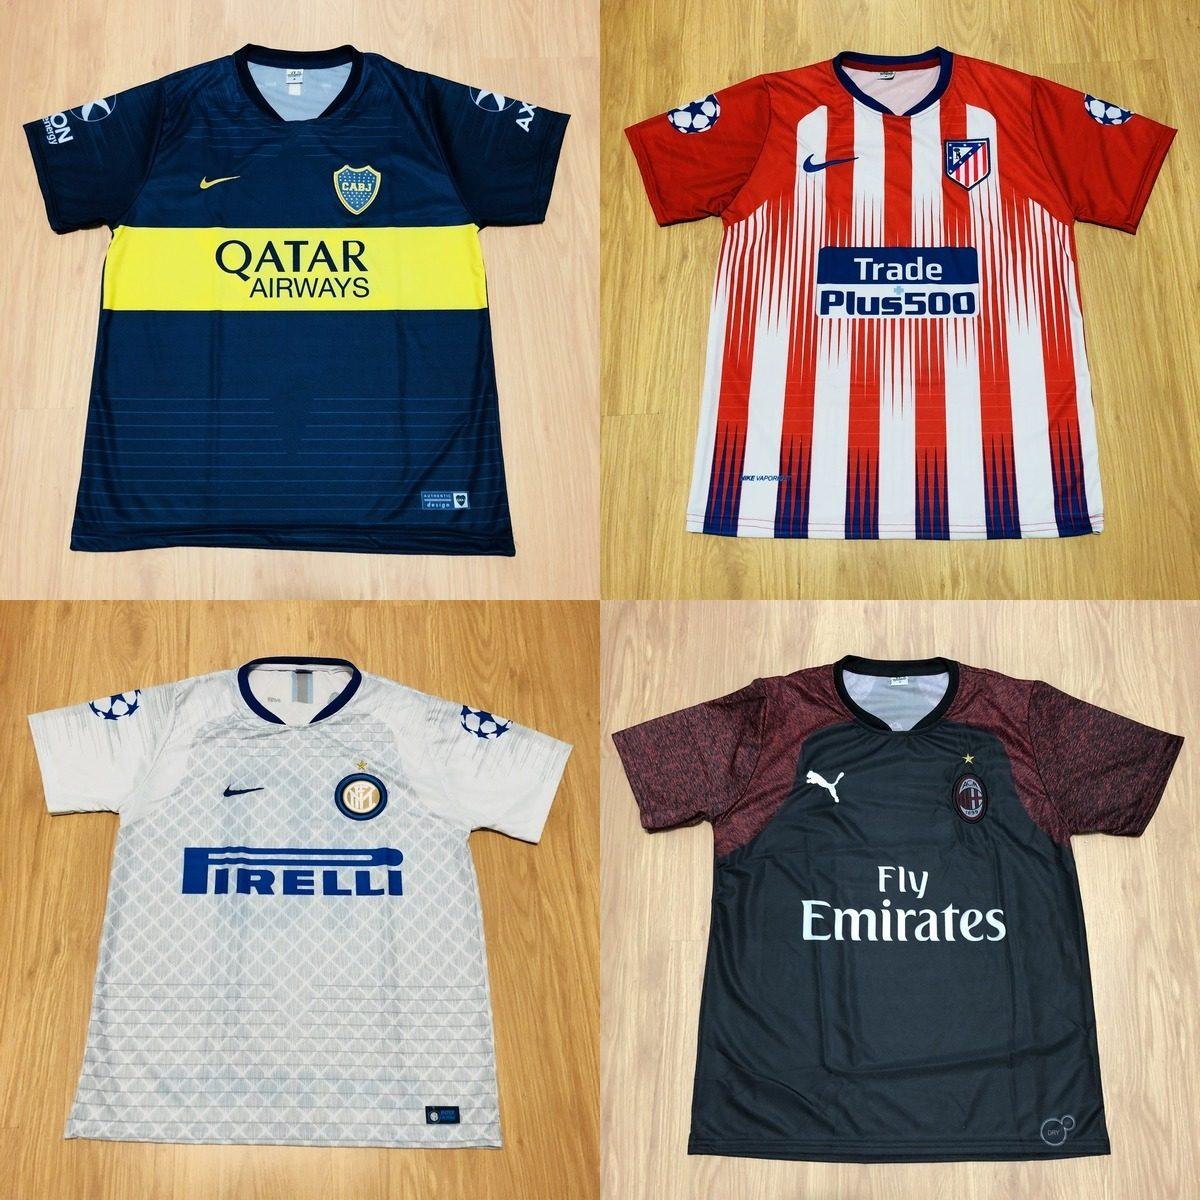 10 Camisetas De Times Nacional Europeu Seleções De Futebol - R  185 ... 37974655b79a8